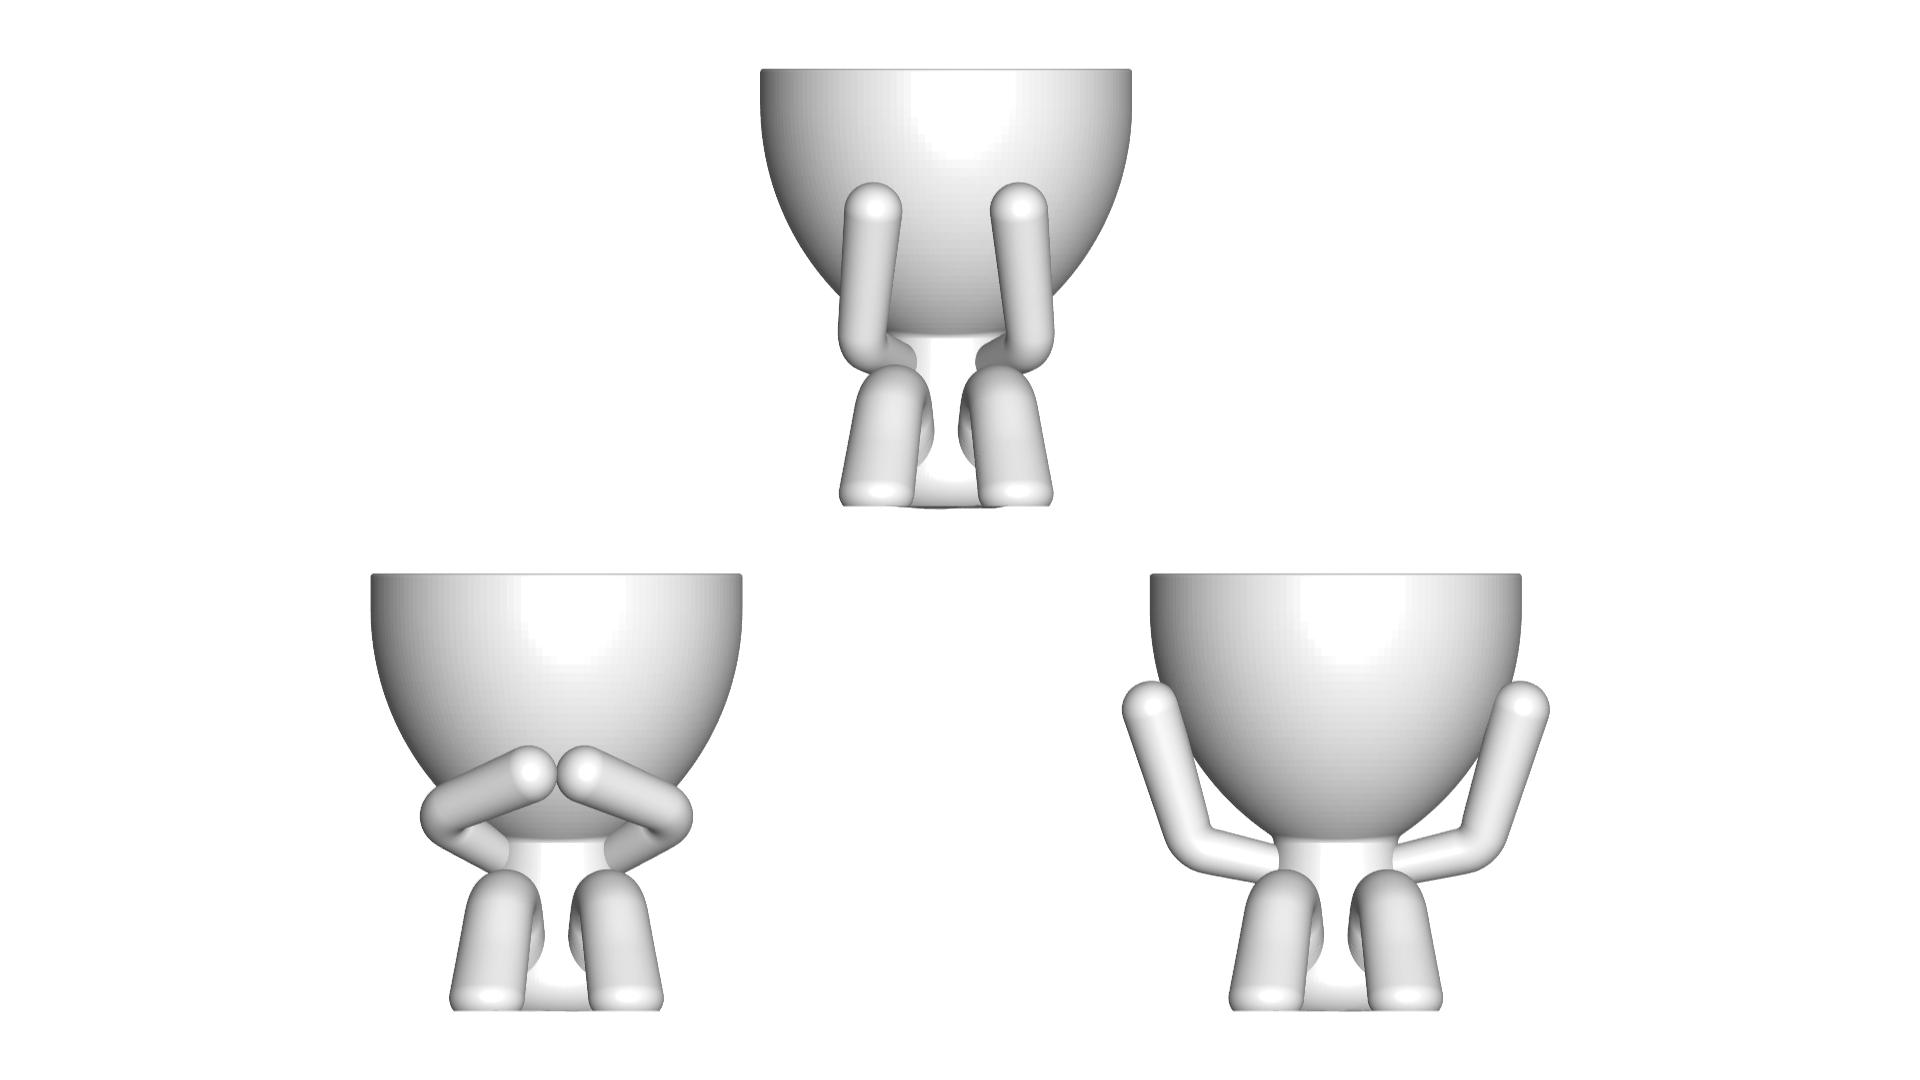 los 3 sabios_blancos.png Télécharger fichier STL gratuit Les 3 pots verres Robert Sabios Ne lit pas, n'écoute pas, ne voit pas - Les 3 pots verres Robert Sabios Ne lit pas, n'écoute pas, ne voit pas • Objet à imprimer en 3D, CREATIONSISHI